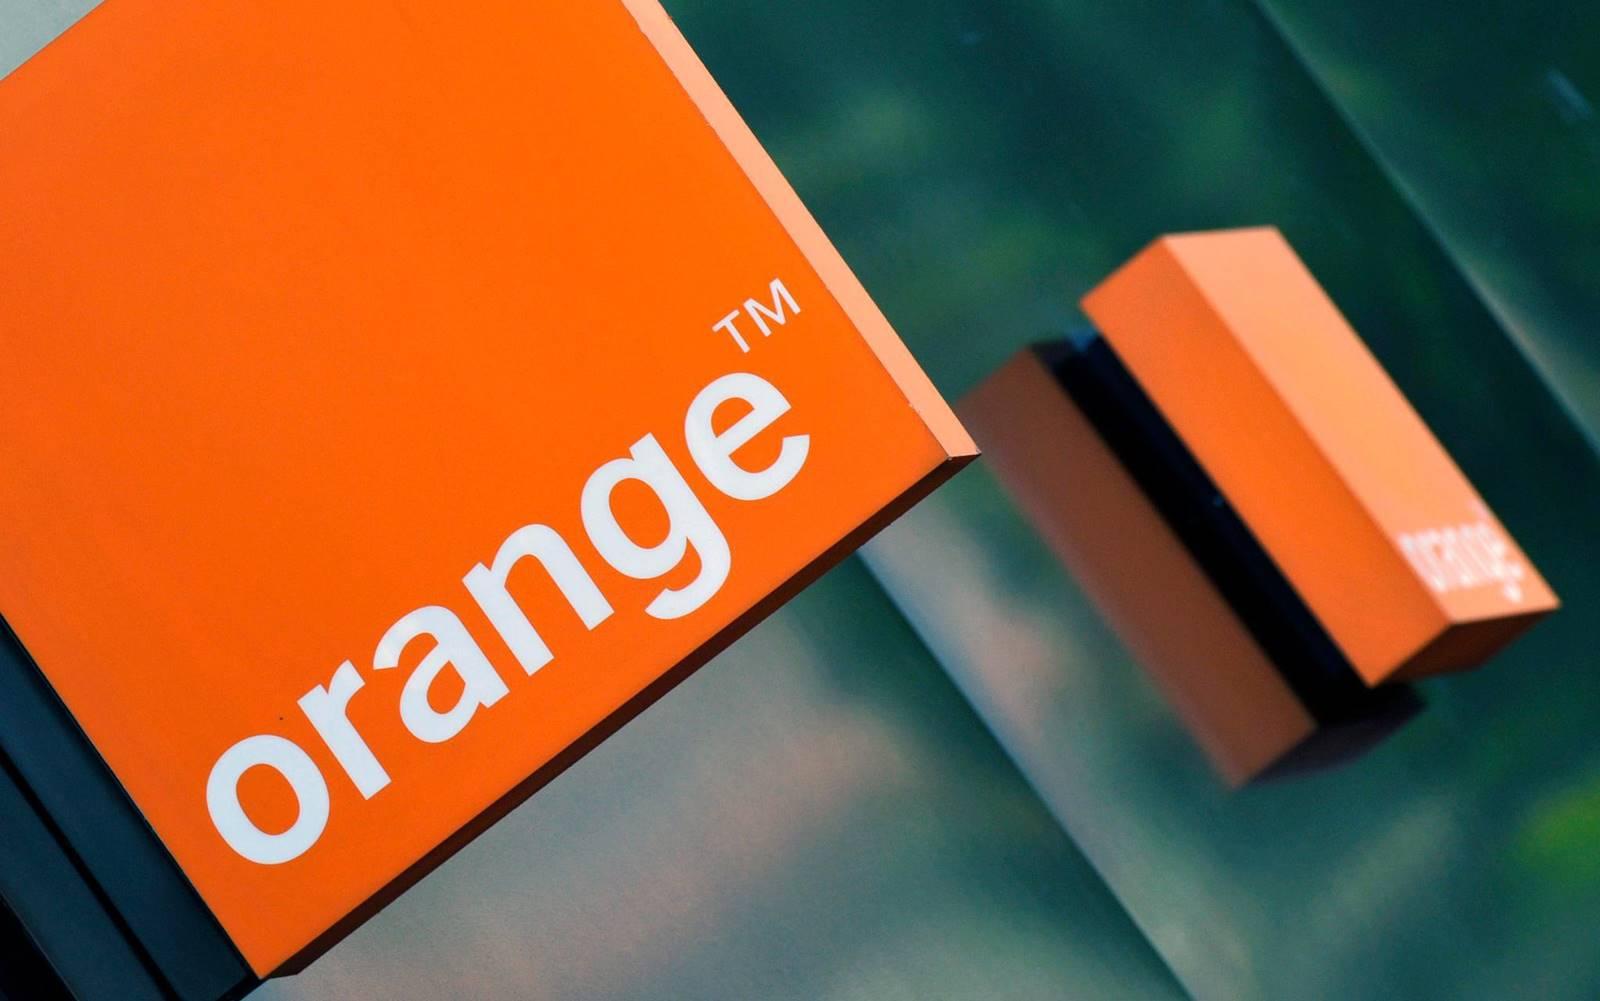 oferte orange telefoane romania